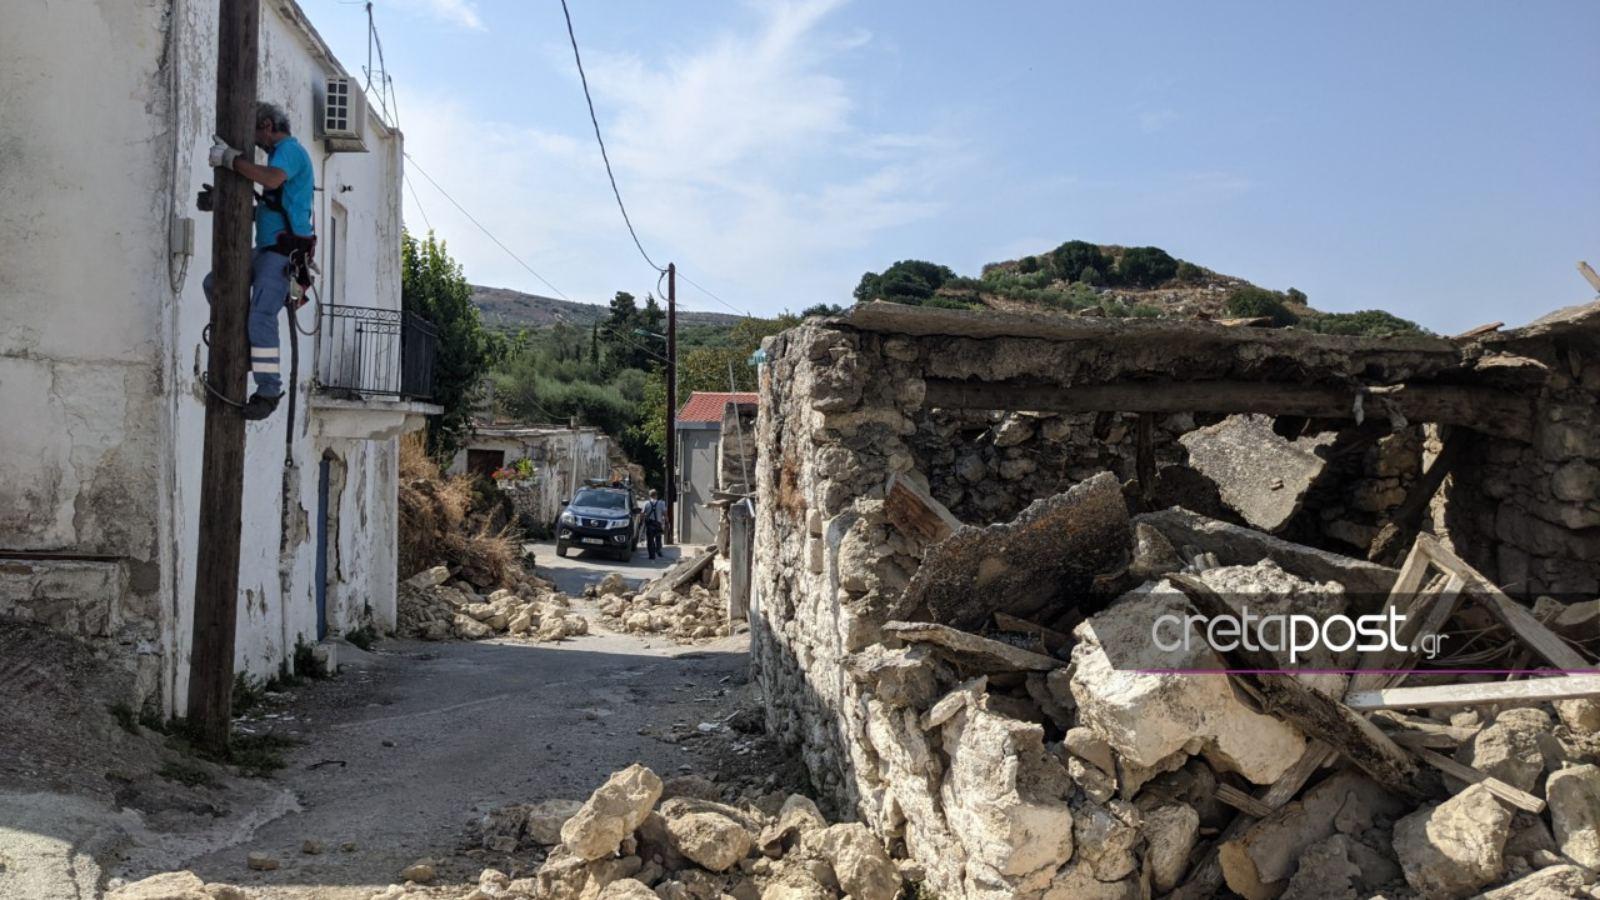 Σεισμός στην Κρήτη: Αγώνας δρόμου για την αποκατάσταση της ηλεκτροδότησης στις πληγείσες περιοχές